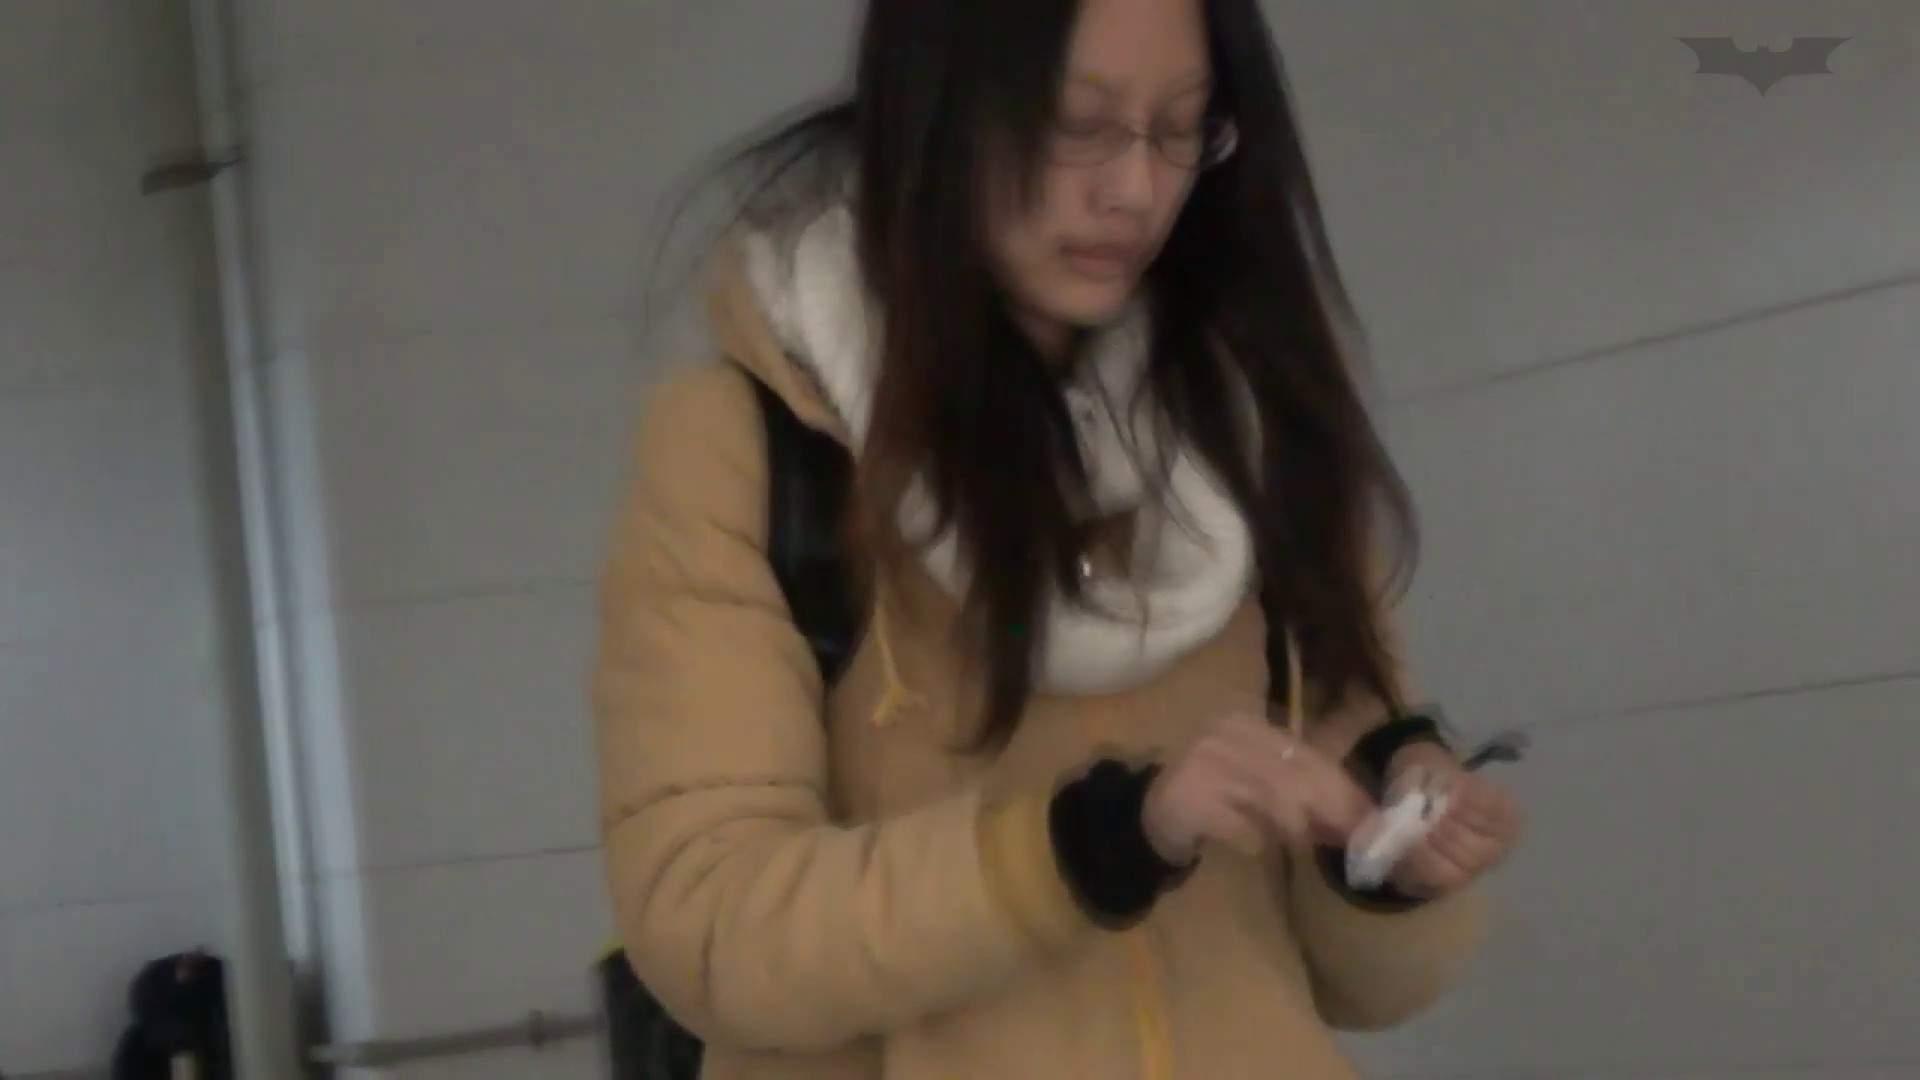 JD盗撮 美女の洗面所の秘密 Vol.55 トイレのぞき ワレメ動画紹介 91画像 59